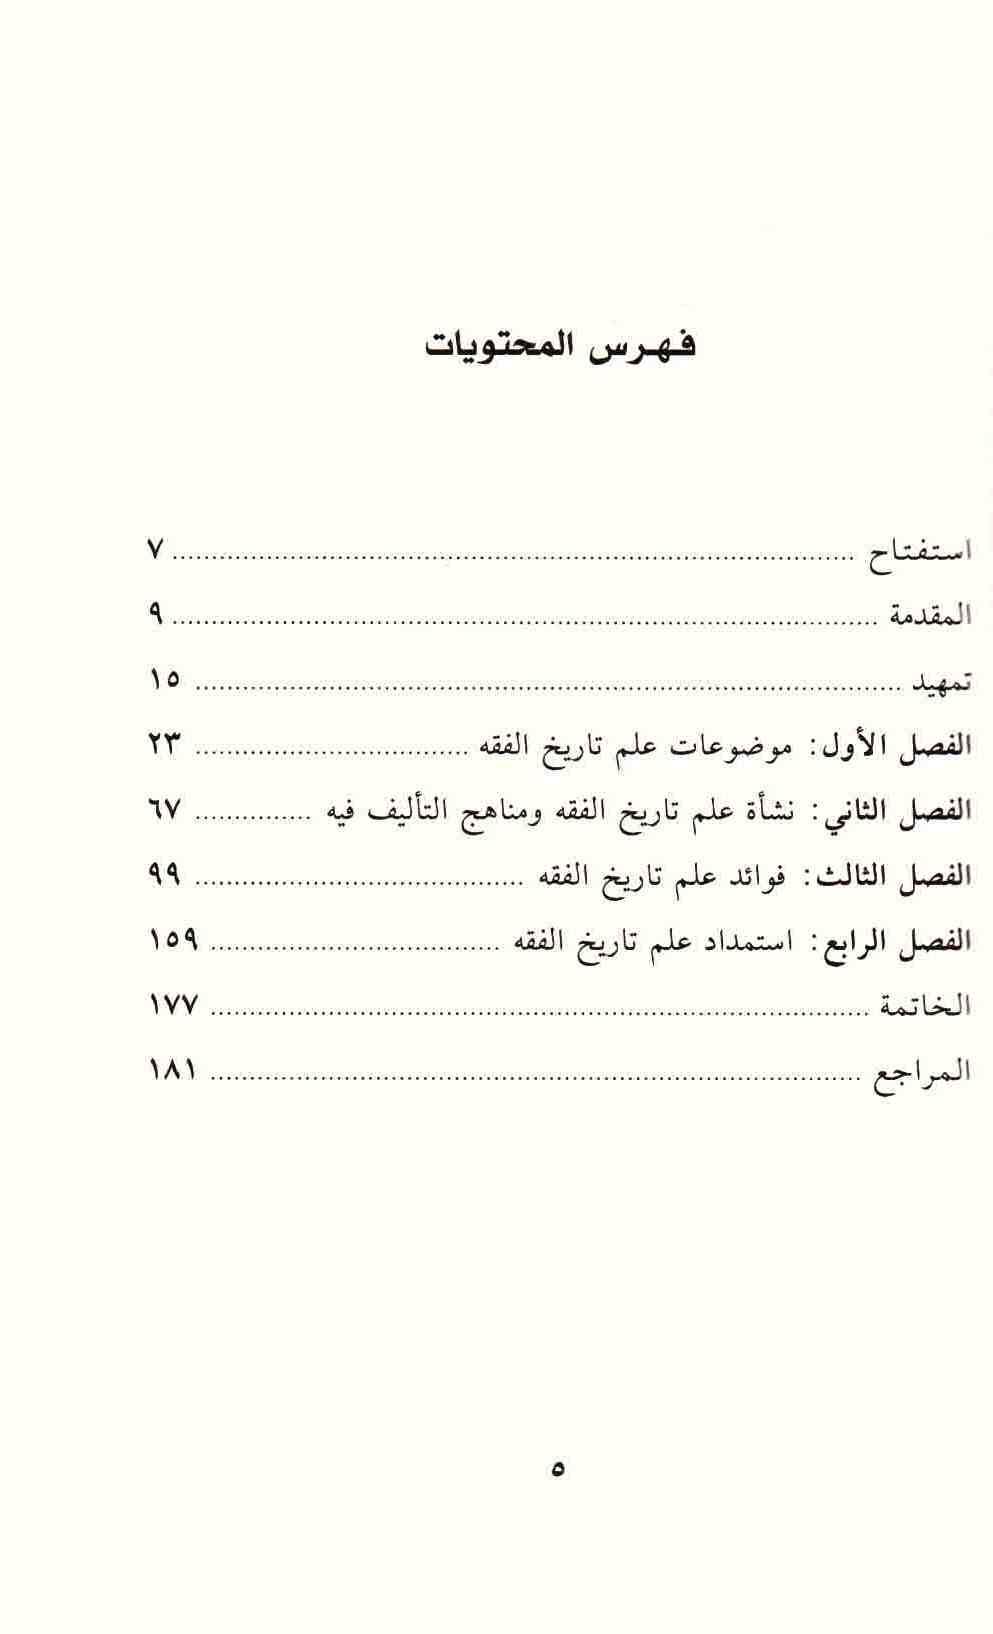 قائمة محتويت كتاب فقه تاريخ الفقه